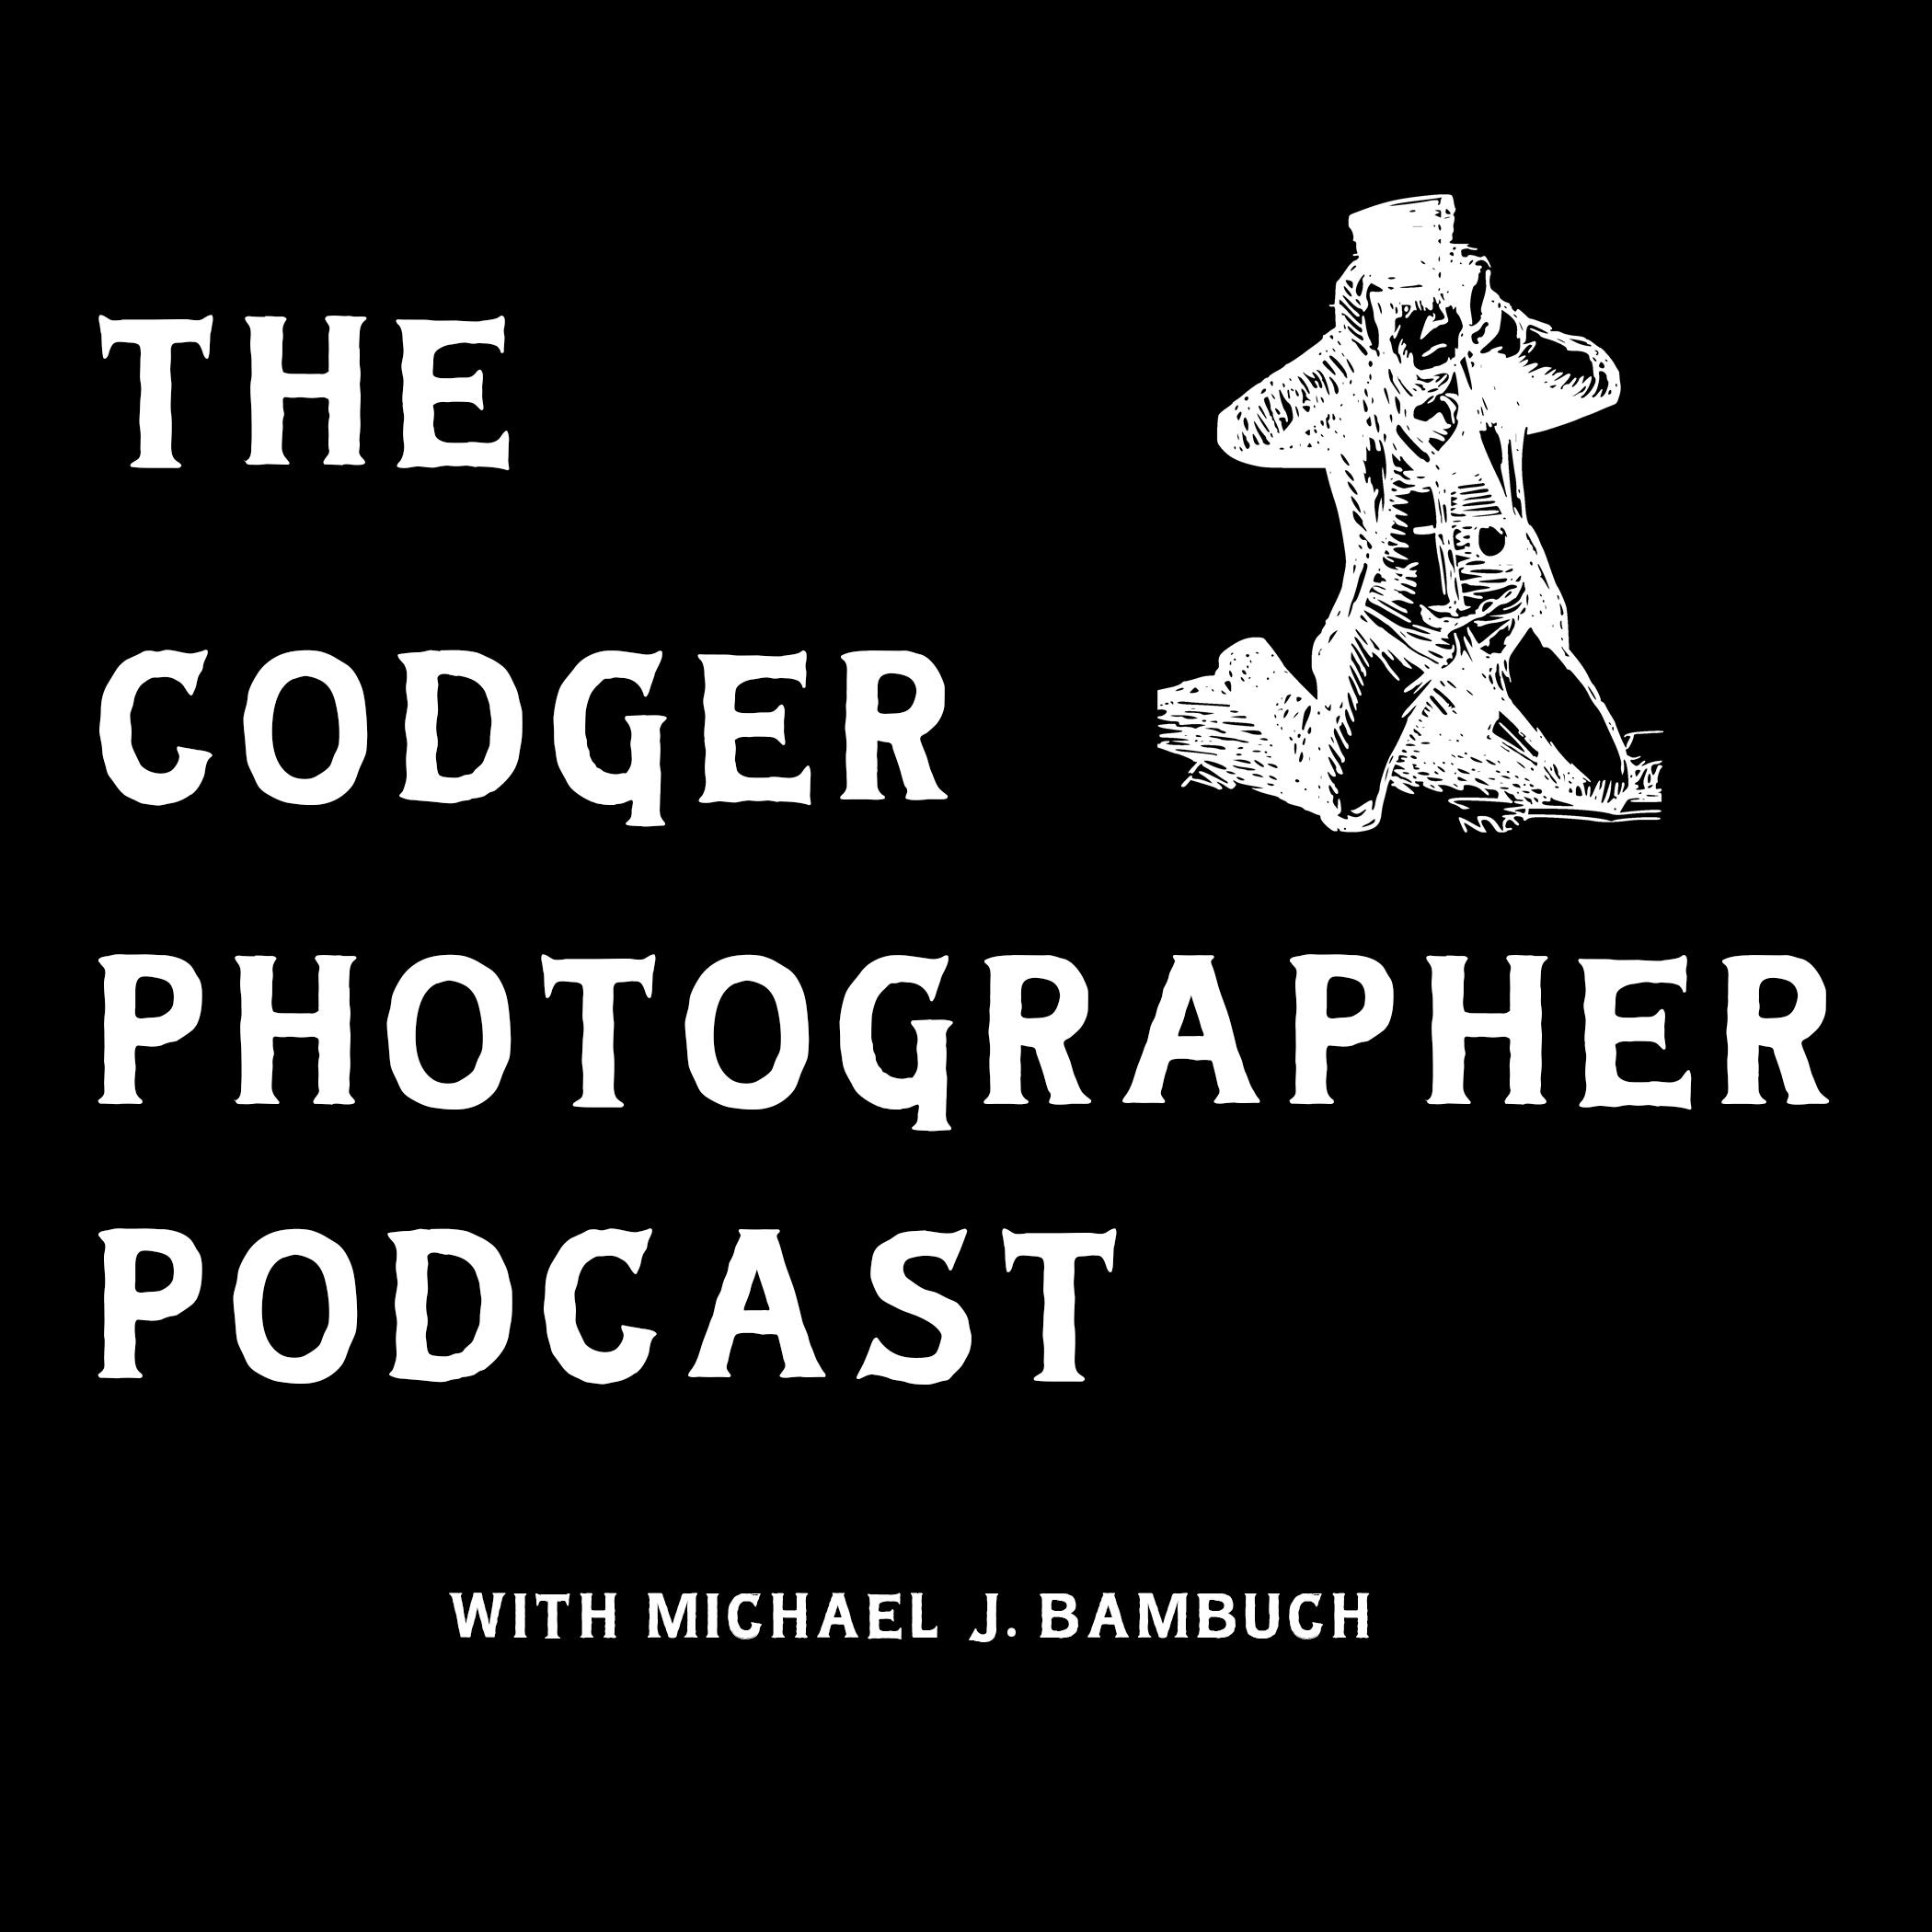 codgerphotographerpodcast.jpg